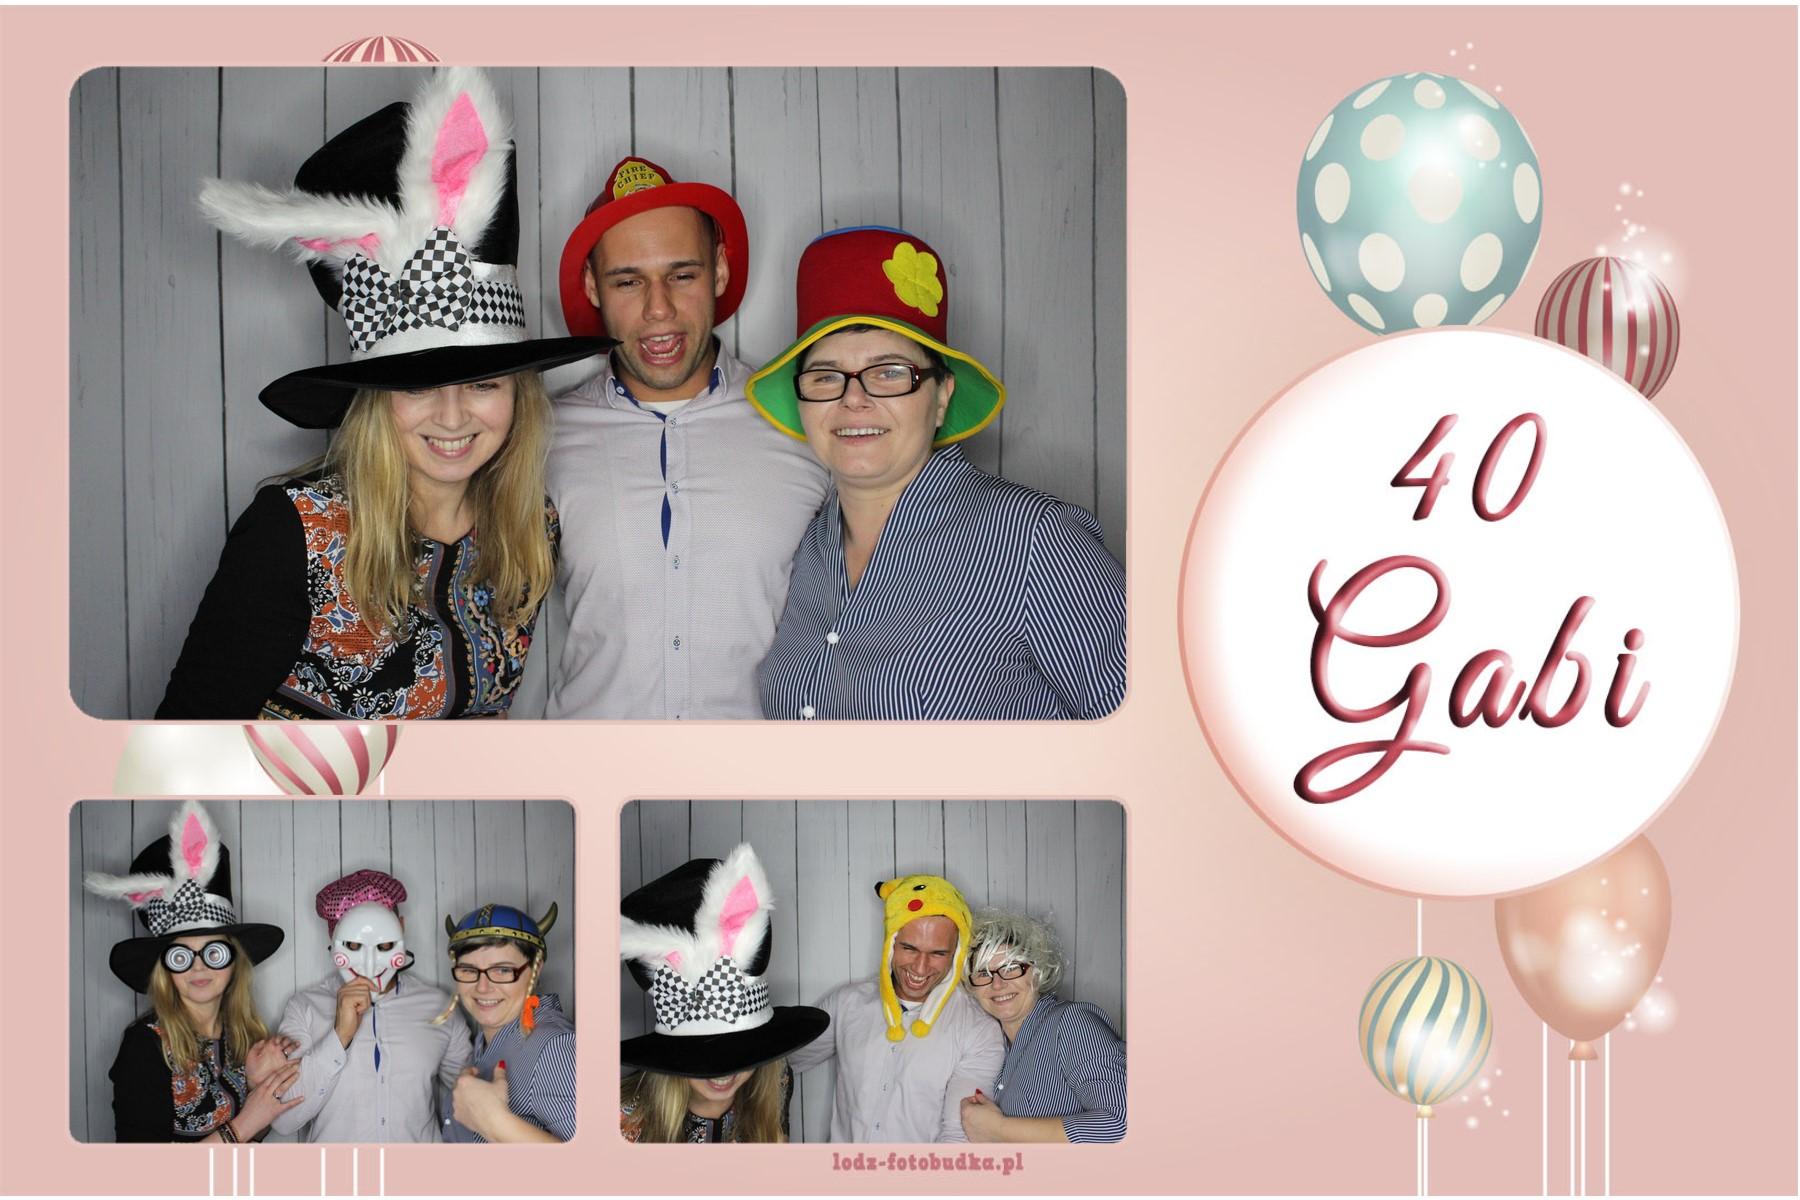 Impreza urodzinowa z fotobudką